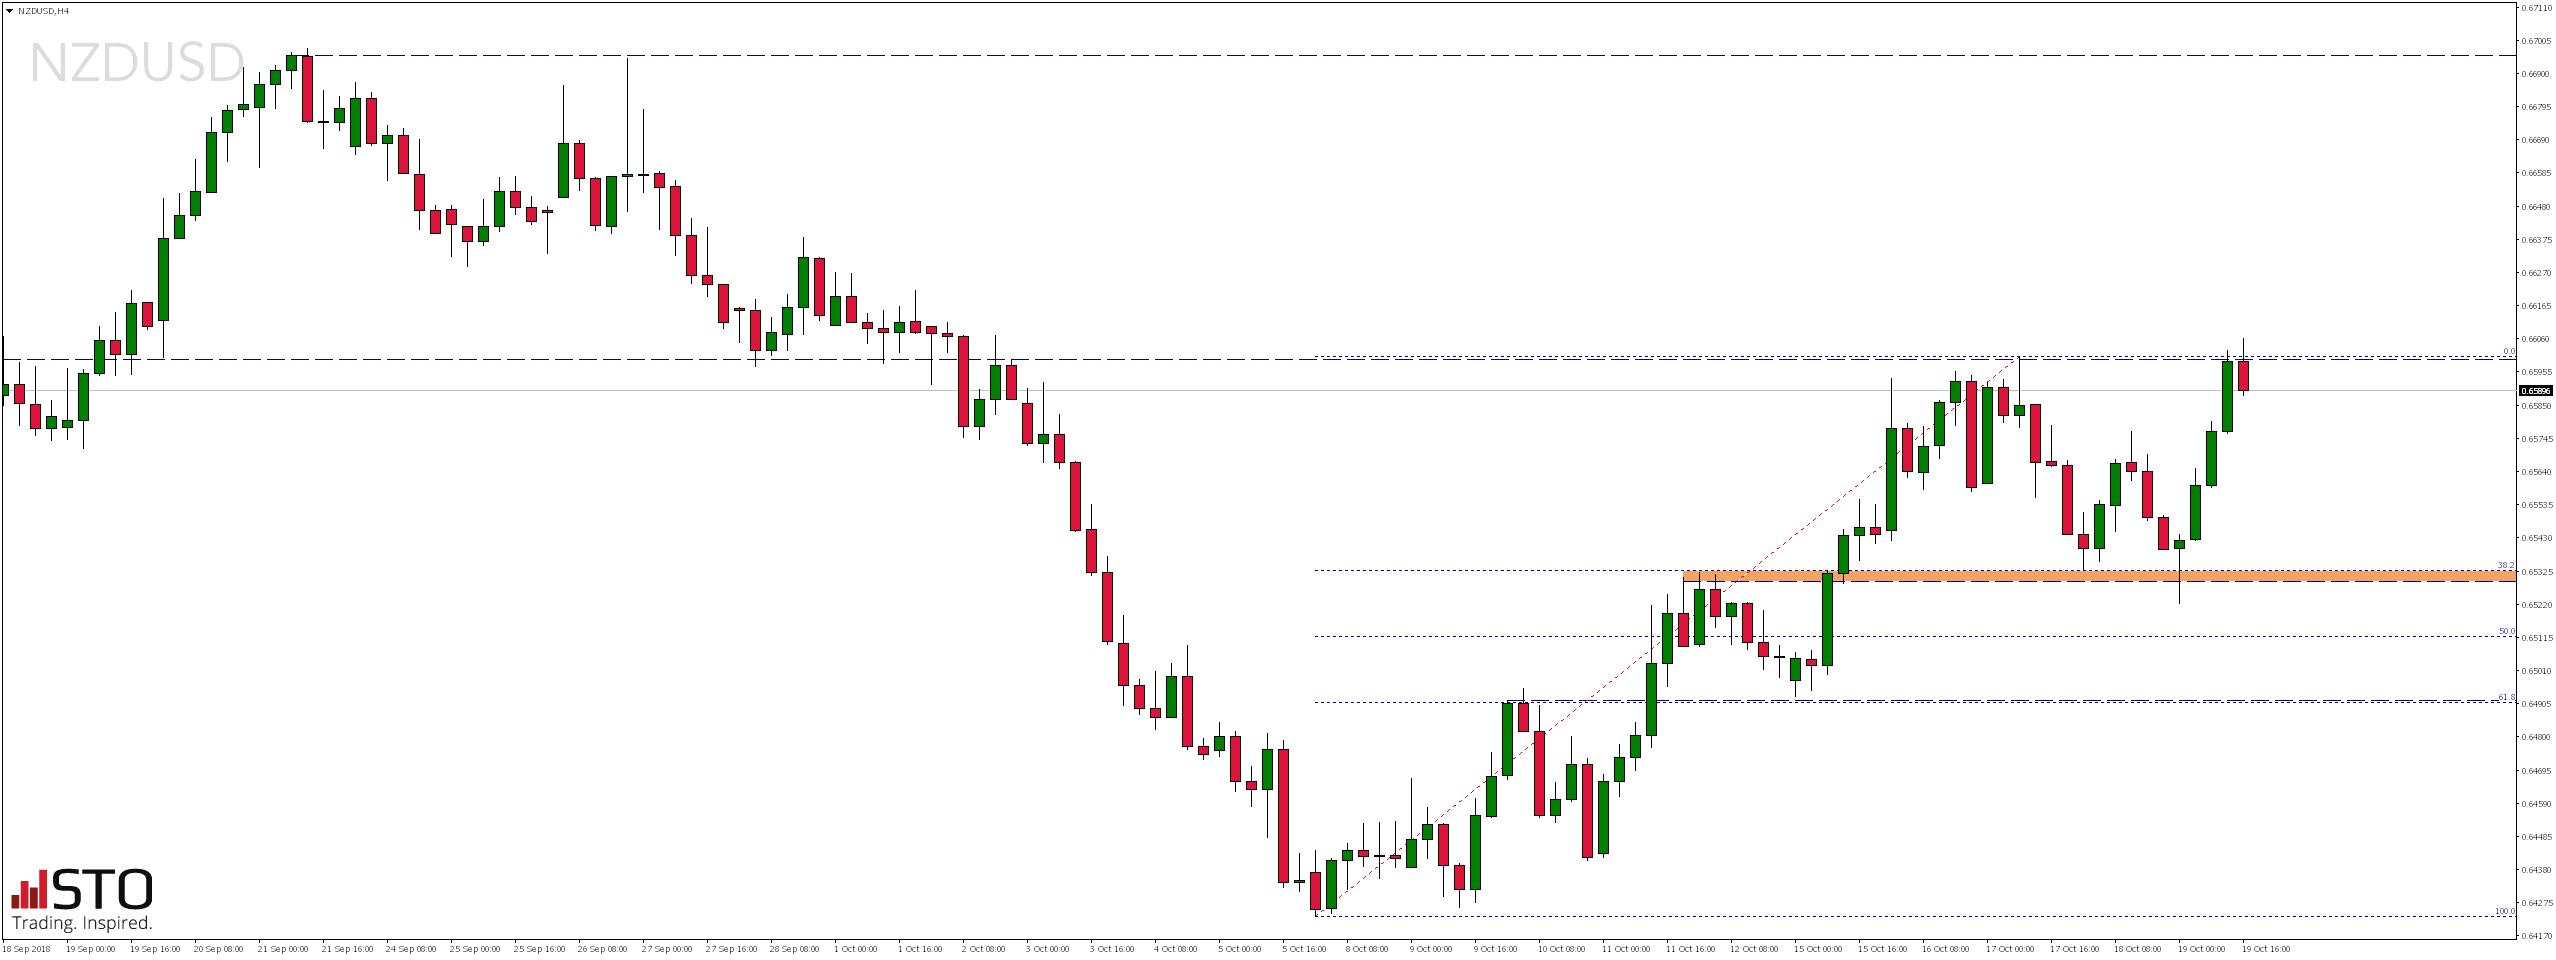 Piątkowy przegląd rynków - notowania pary walutowej NZDUSD